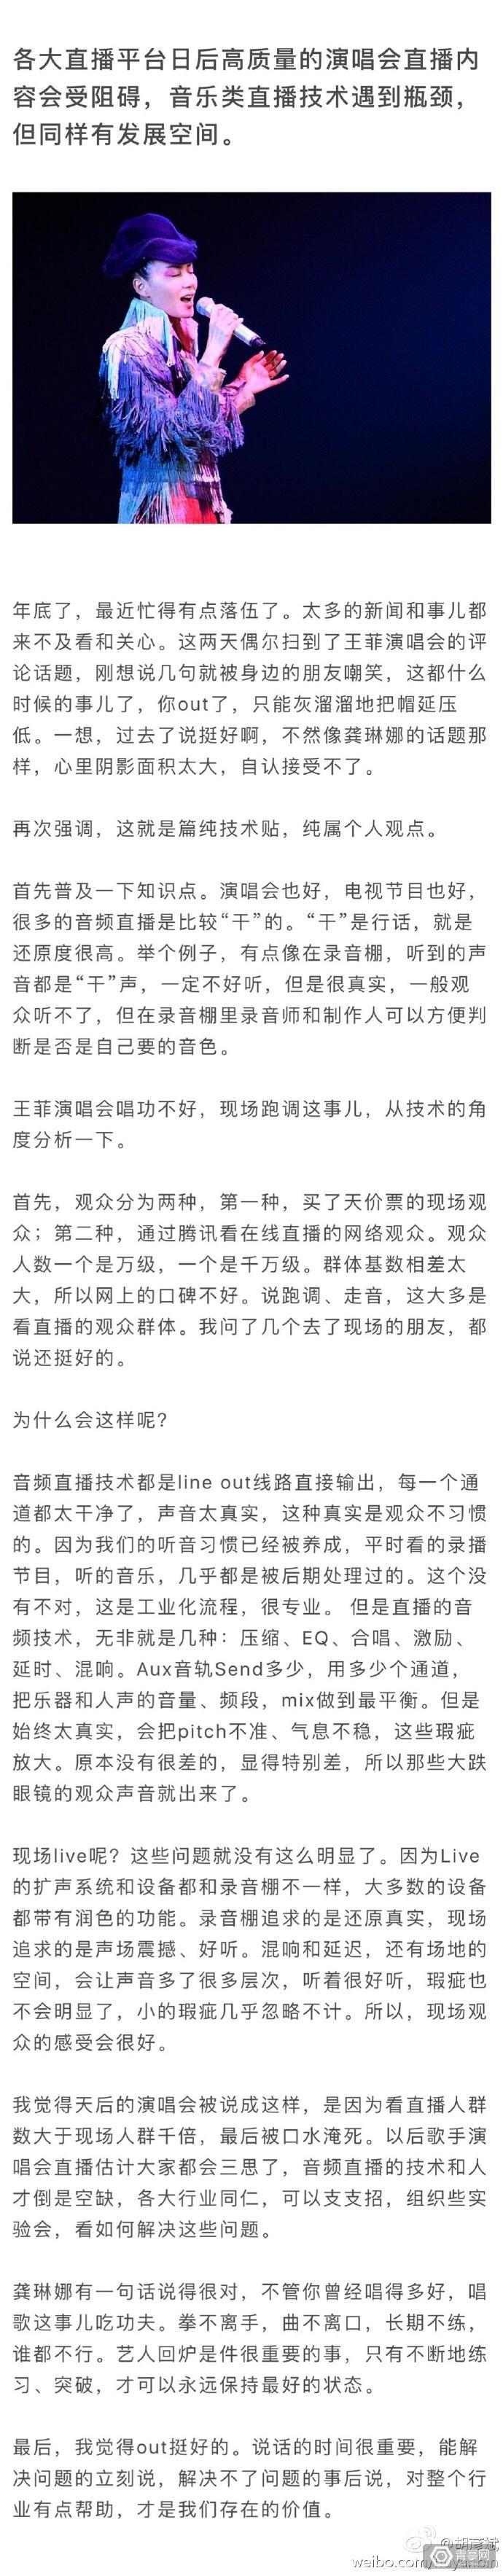 胡彦斌VR技术分析